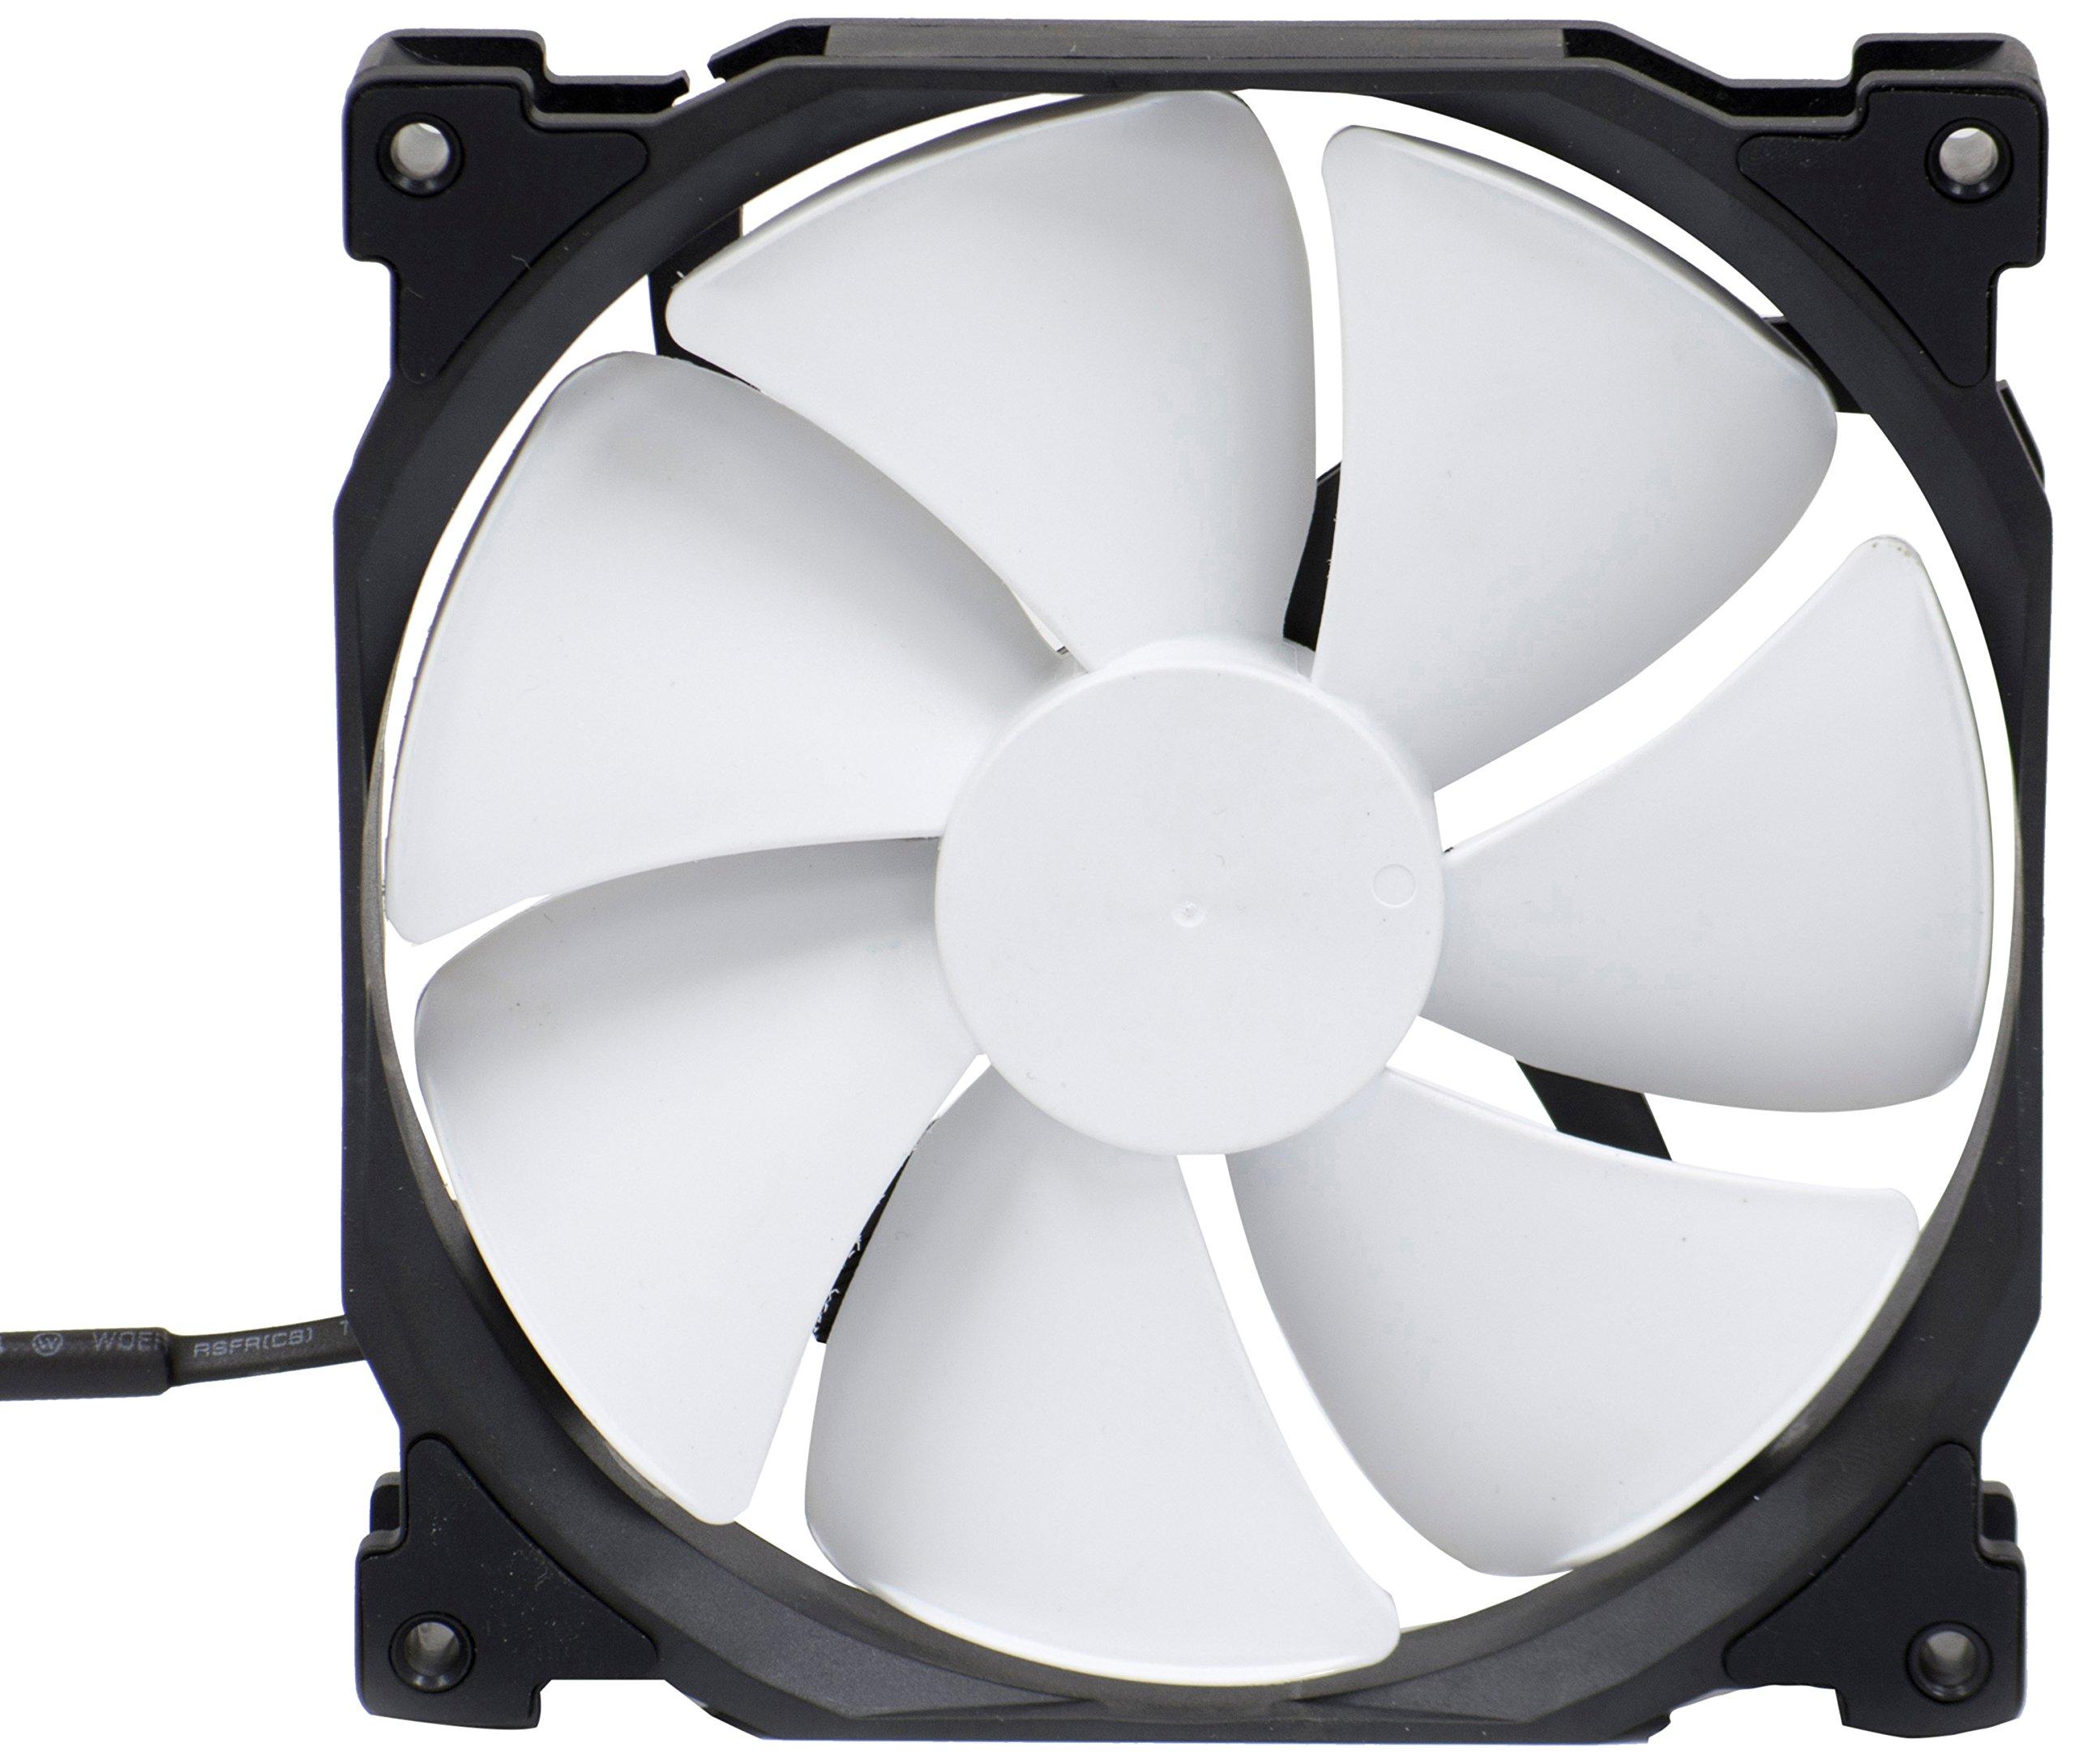 Phanteks 140mm, PWM, High Static Pressure Radiator Retail Cooling Fan PH-F140MP_BK_PWM